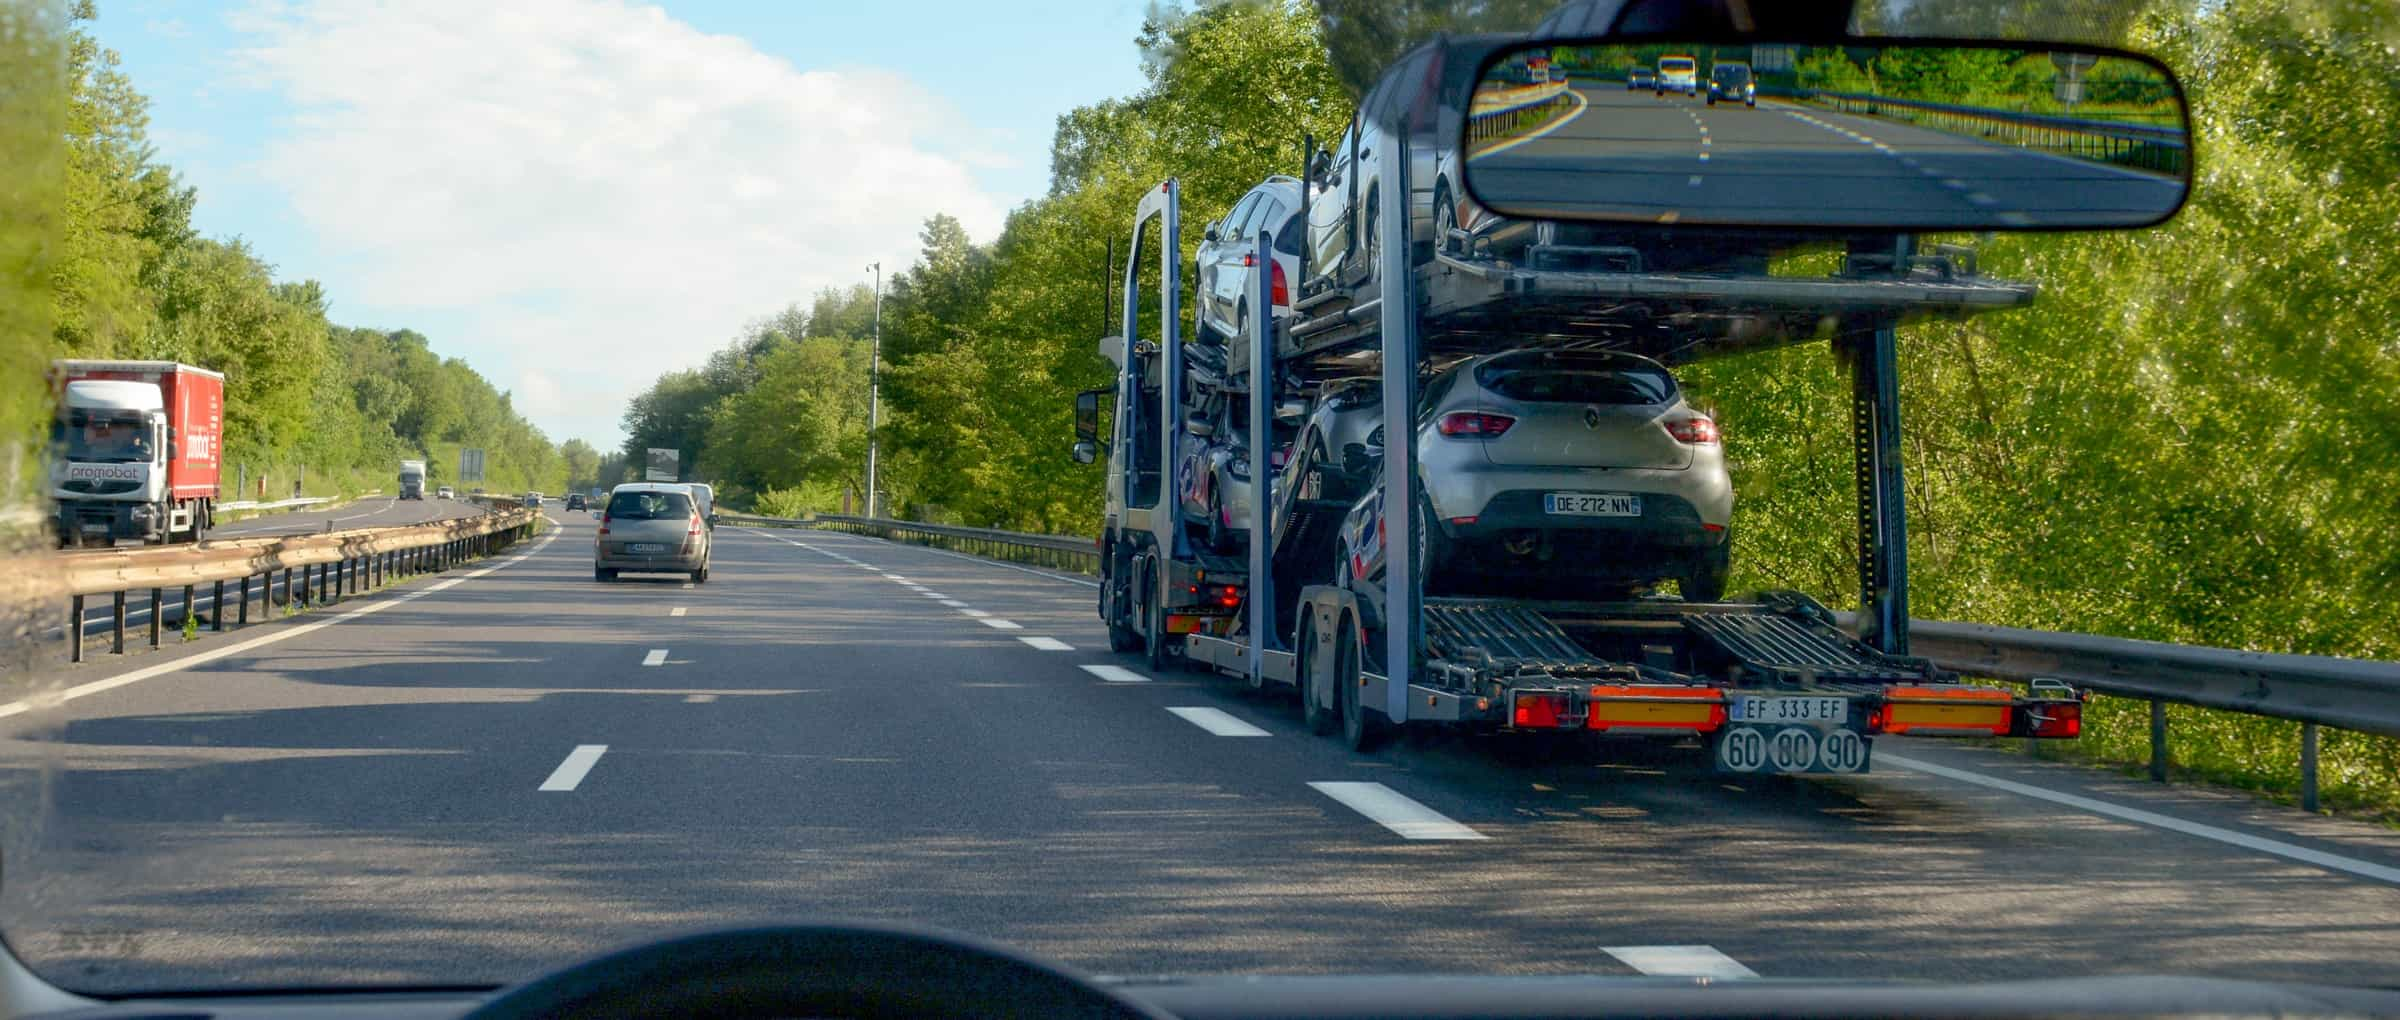 Réussir le Code de la Route - Attention